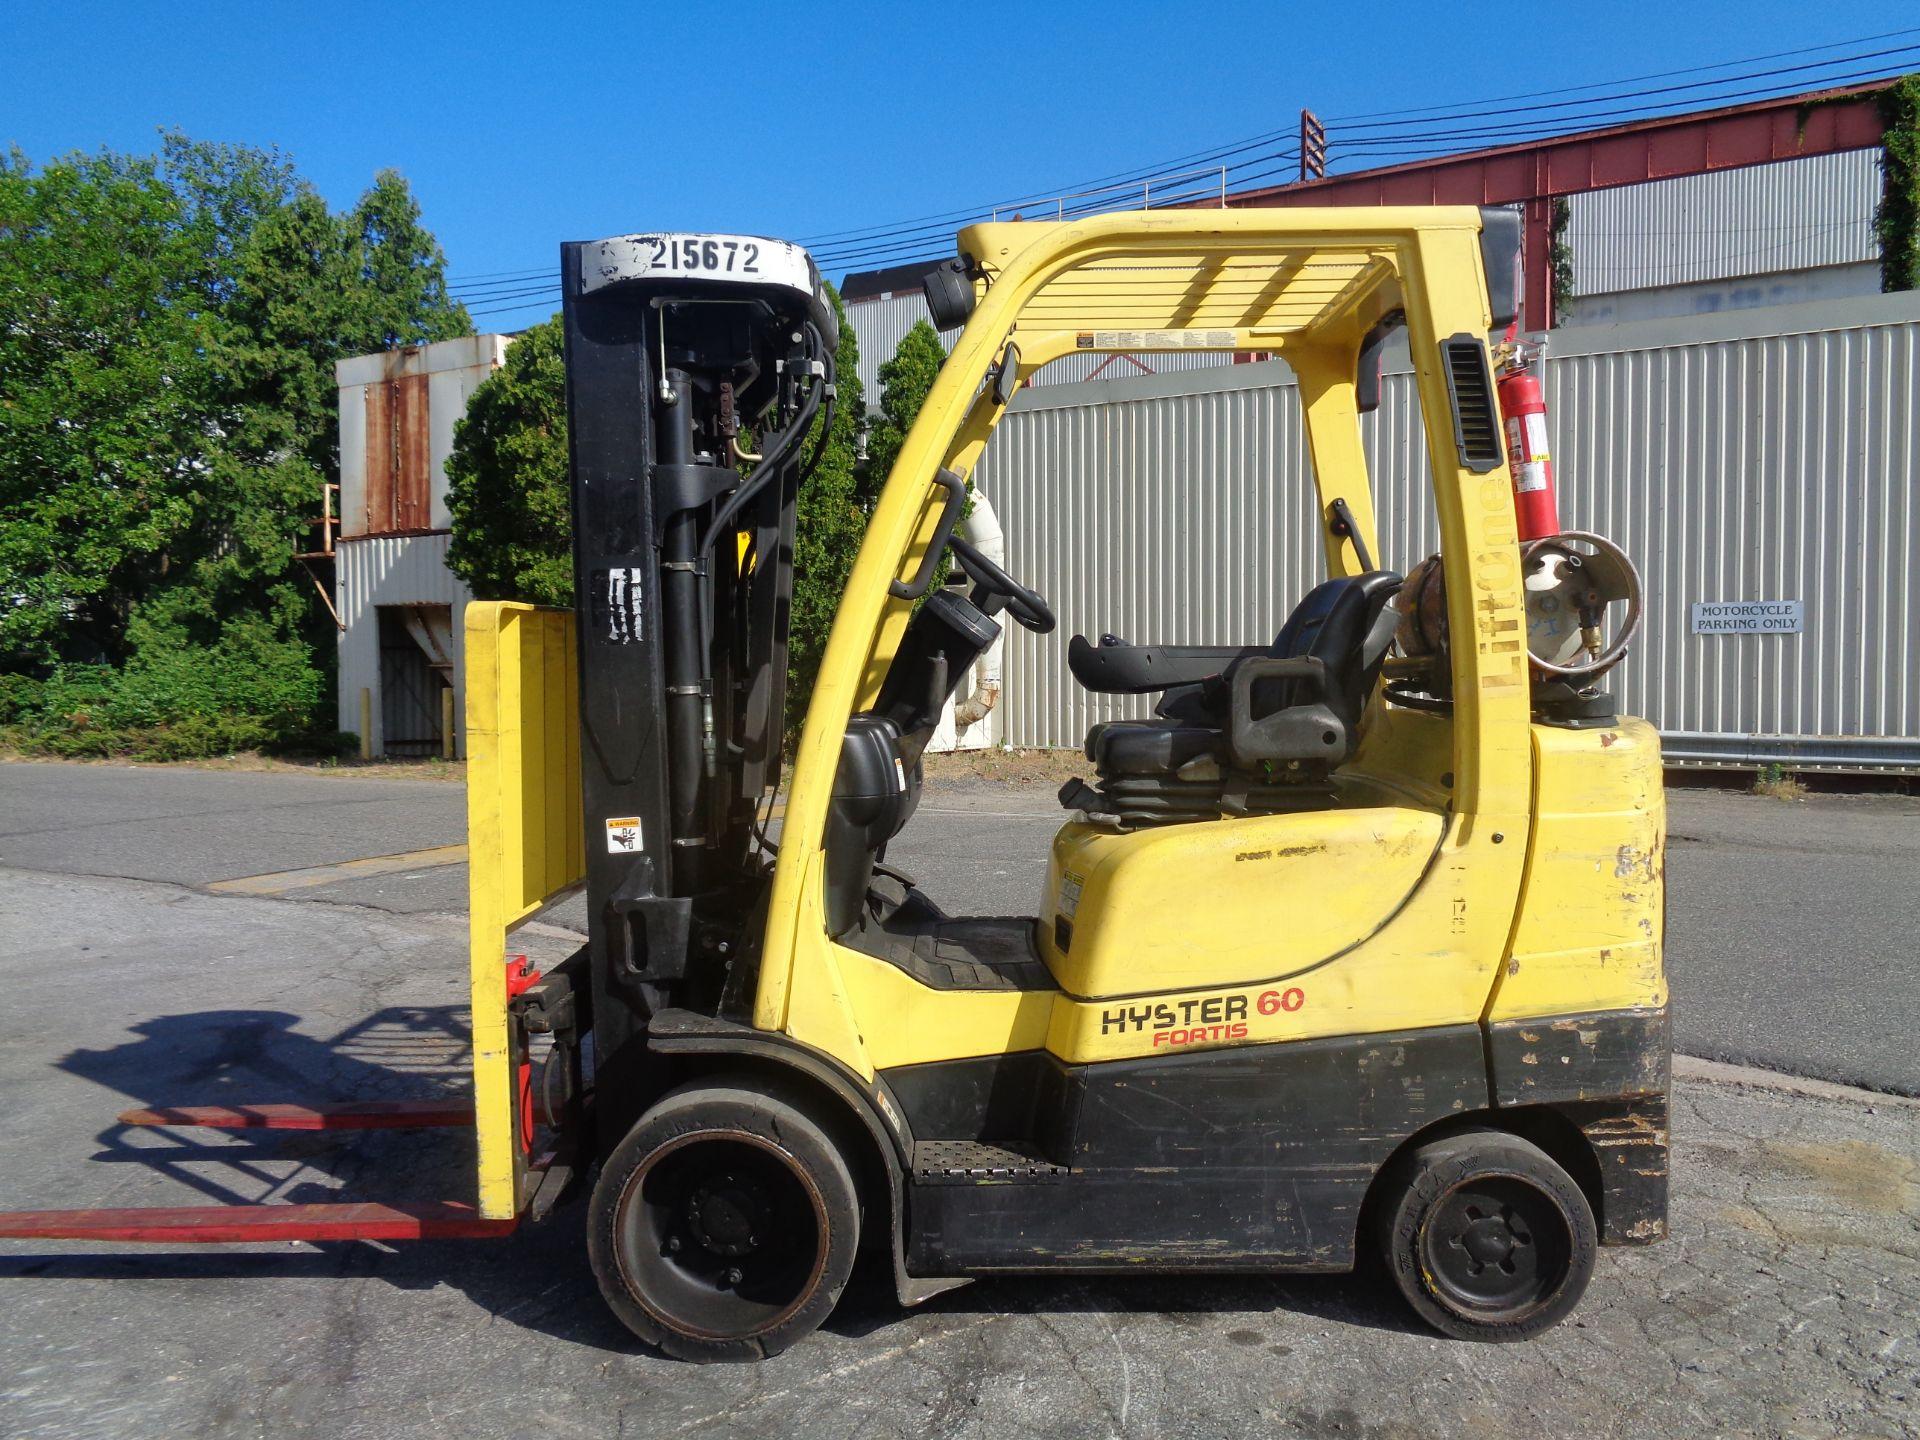 2012 Hyster S60FT 6,000lb Forklift - Quad Mast - Image 2 of 13